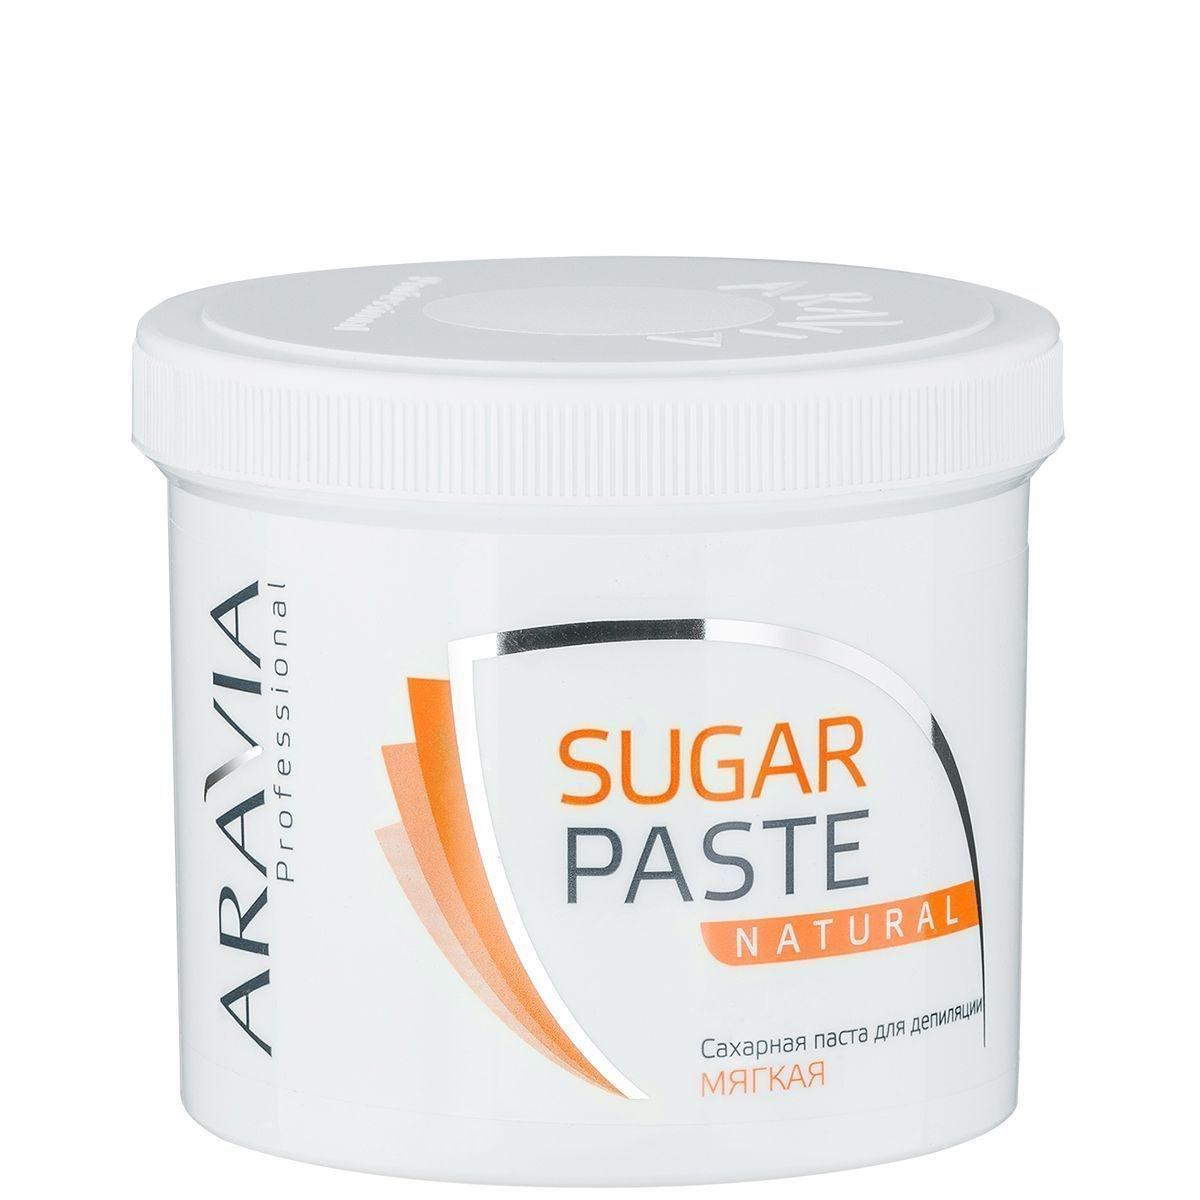 ARAVIA Паста Sugar Paste Сахарная для Депиляции Натуральная Мягкой Консистенции, 750 гр